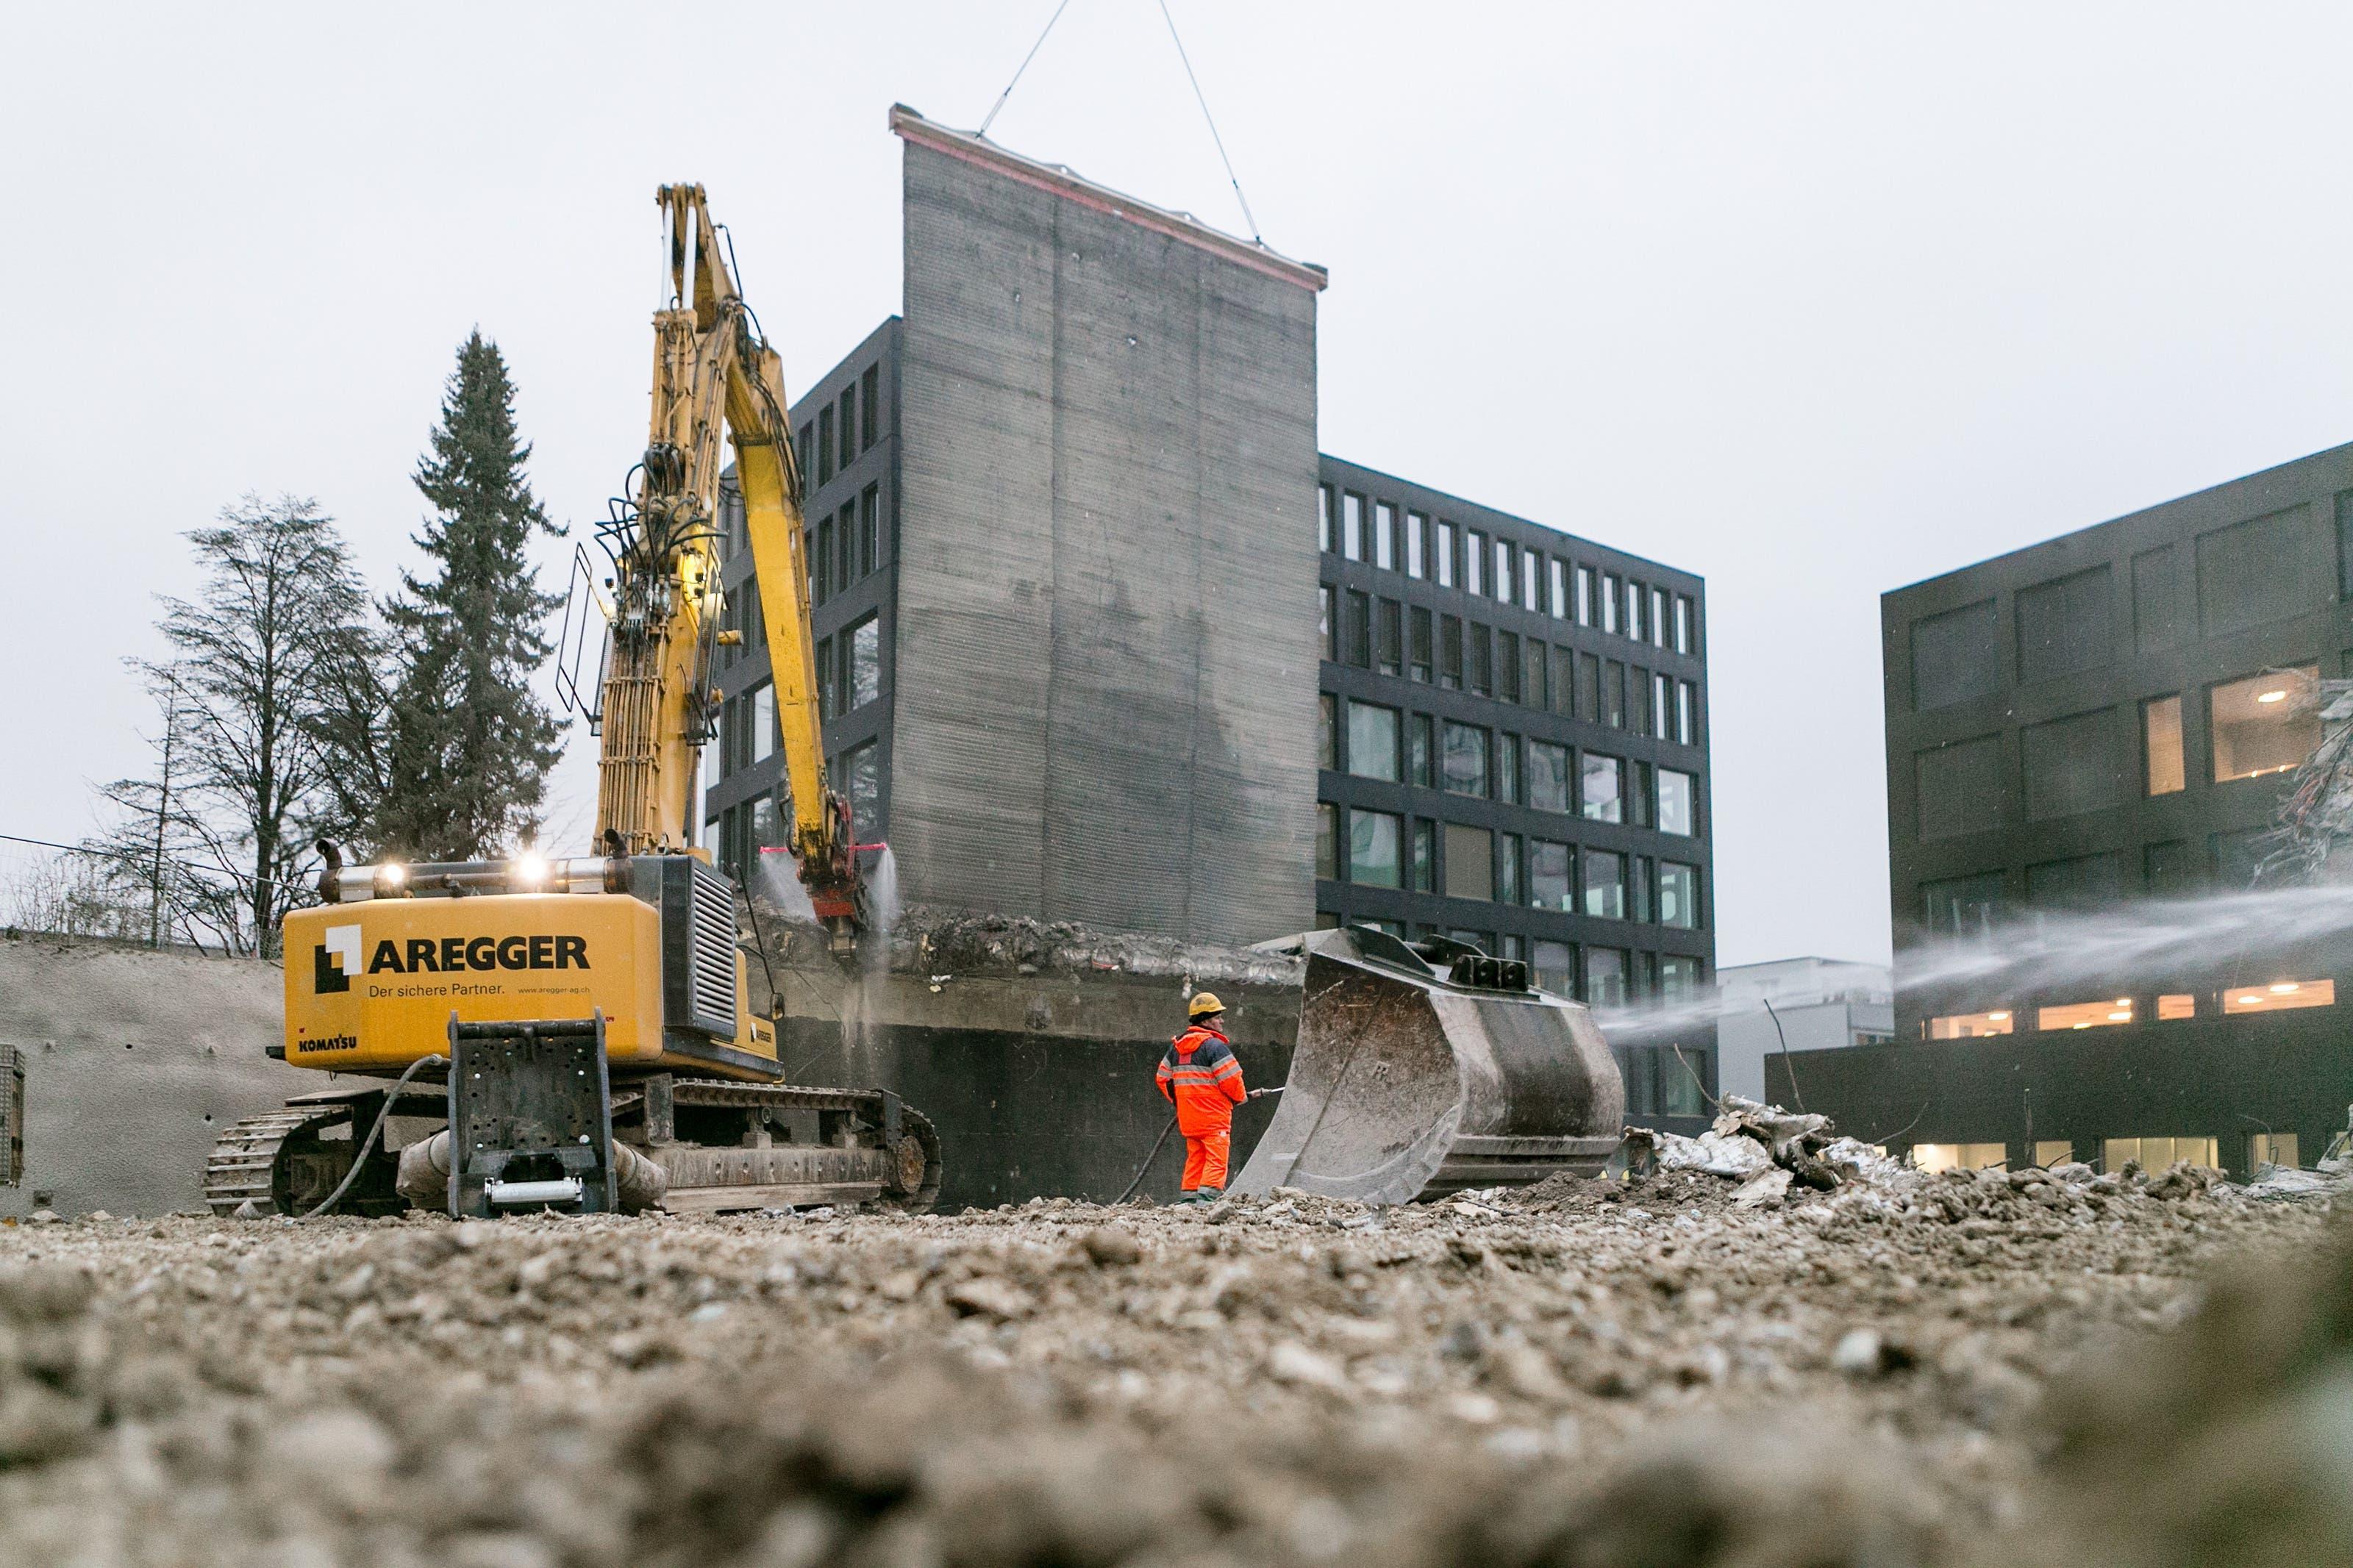 Der Abbruchvorhang schützt die Nachbargebäude, er wiegt rund 16 Tonnen und wird vom Kranwagen in die Luft gehalten.